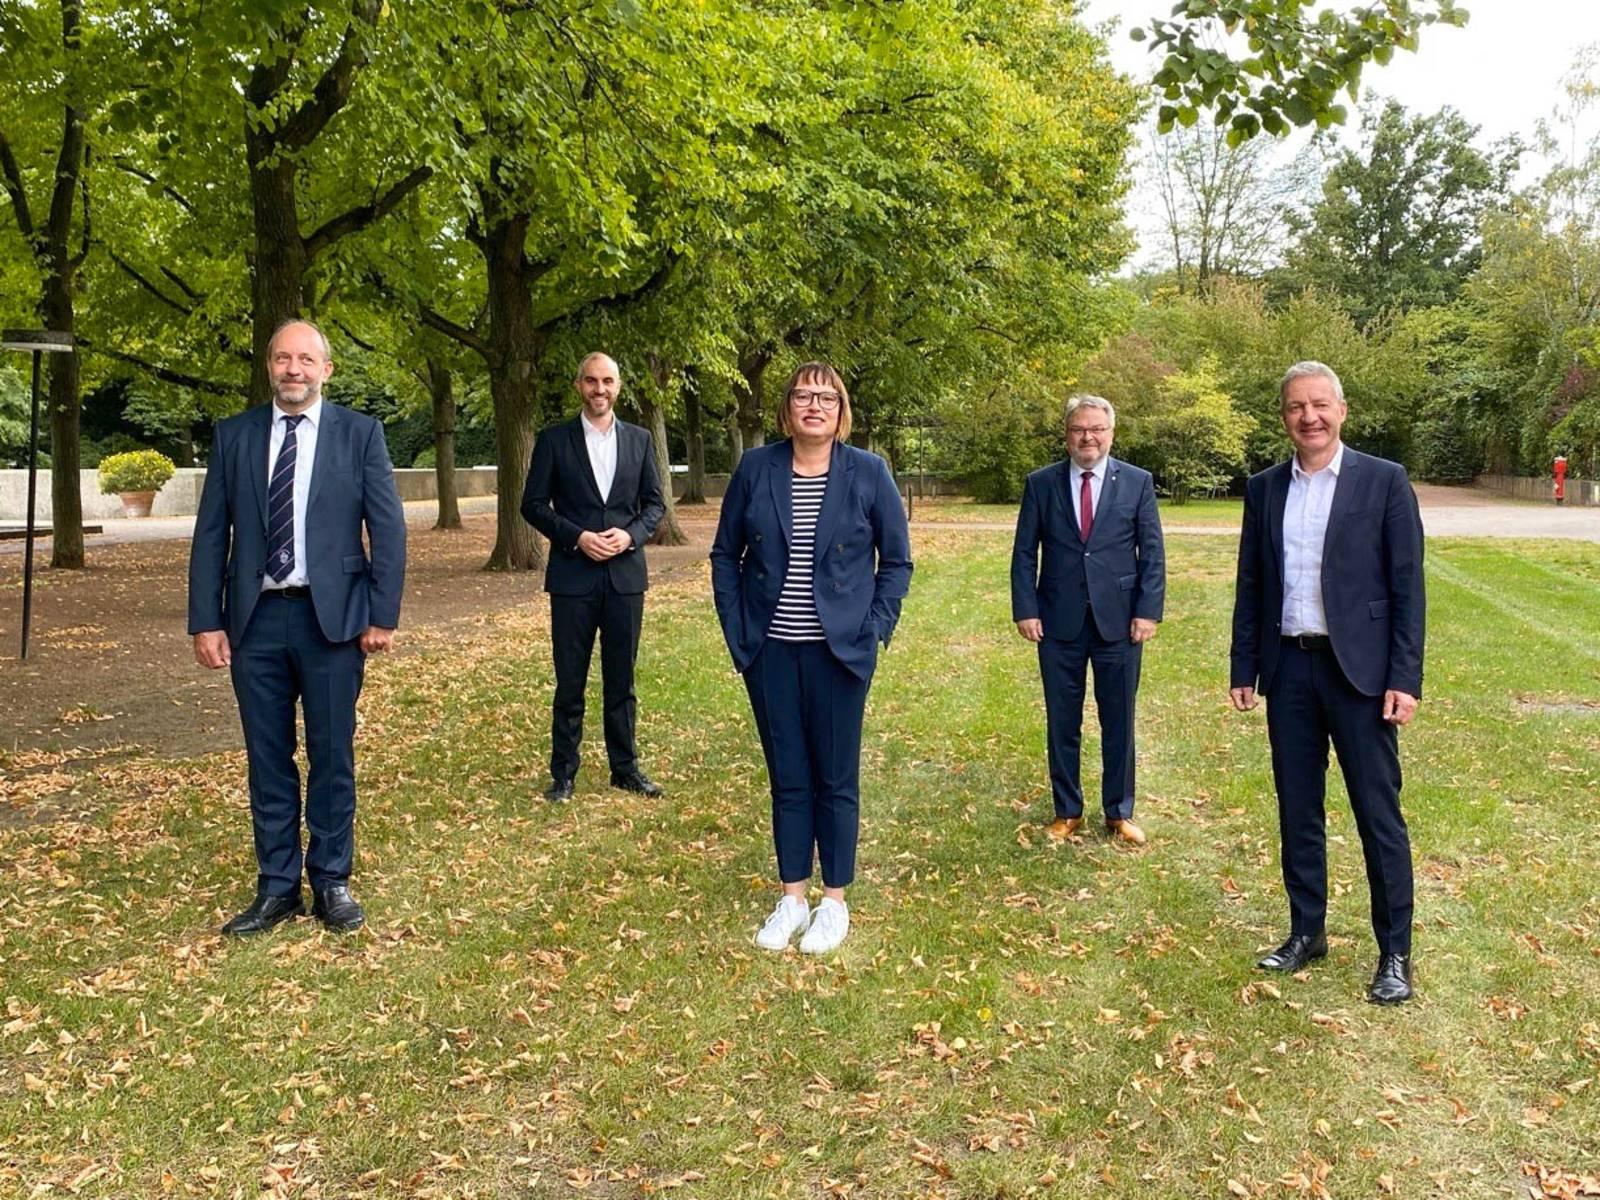 Vier Männer und eine Frau auf einer Rasenfläche.